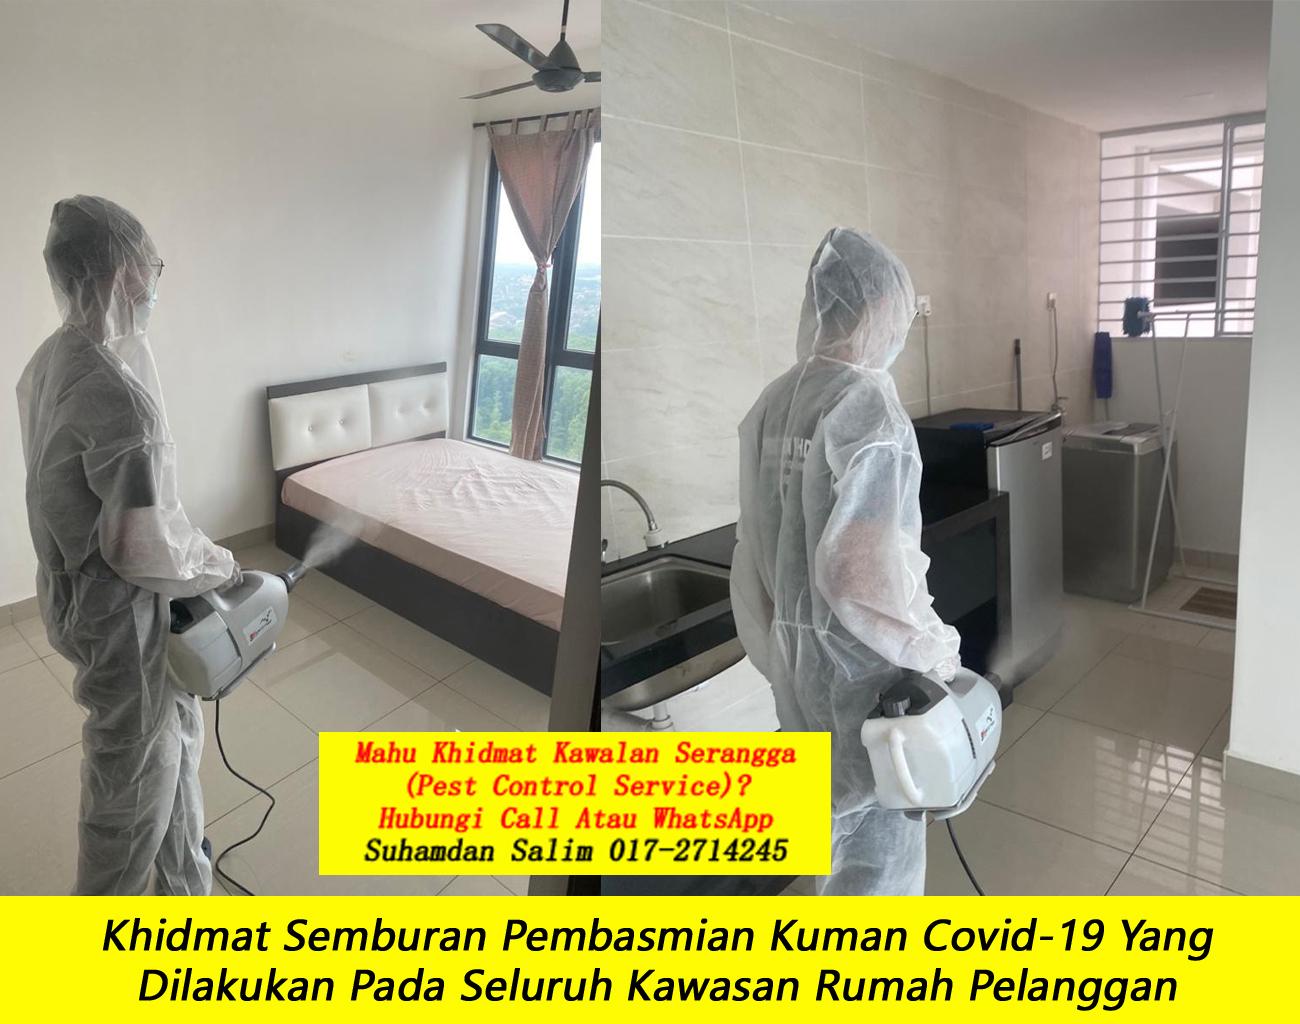 khidmat sanitizing membasmi kuman Covid-19 Disinfection Service semburan sanitize covid 19 paling berkesan dengan harga berpatutan the best service covid-19 Sri Petaling kl